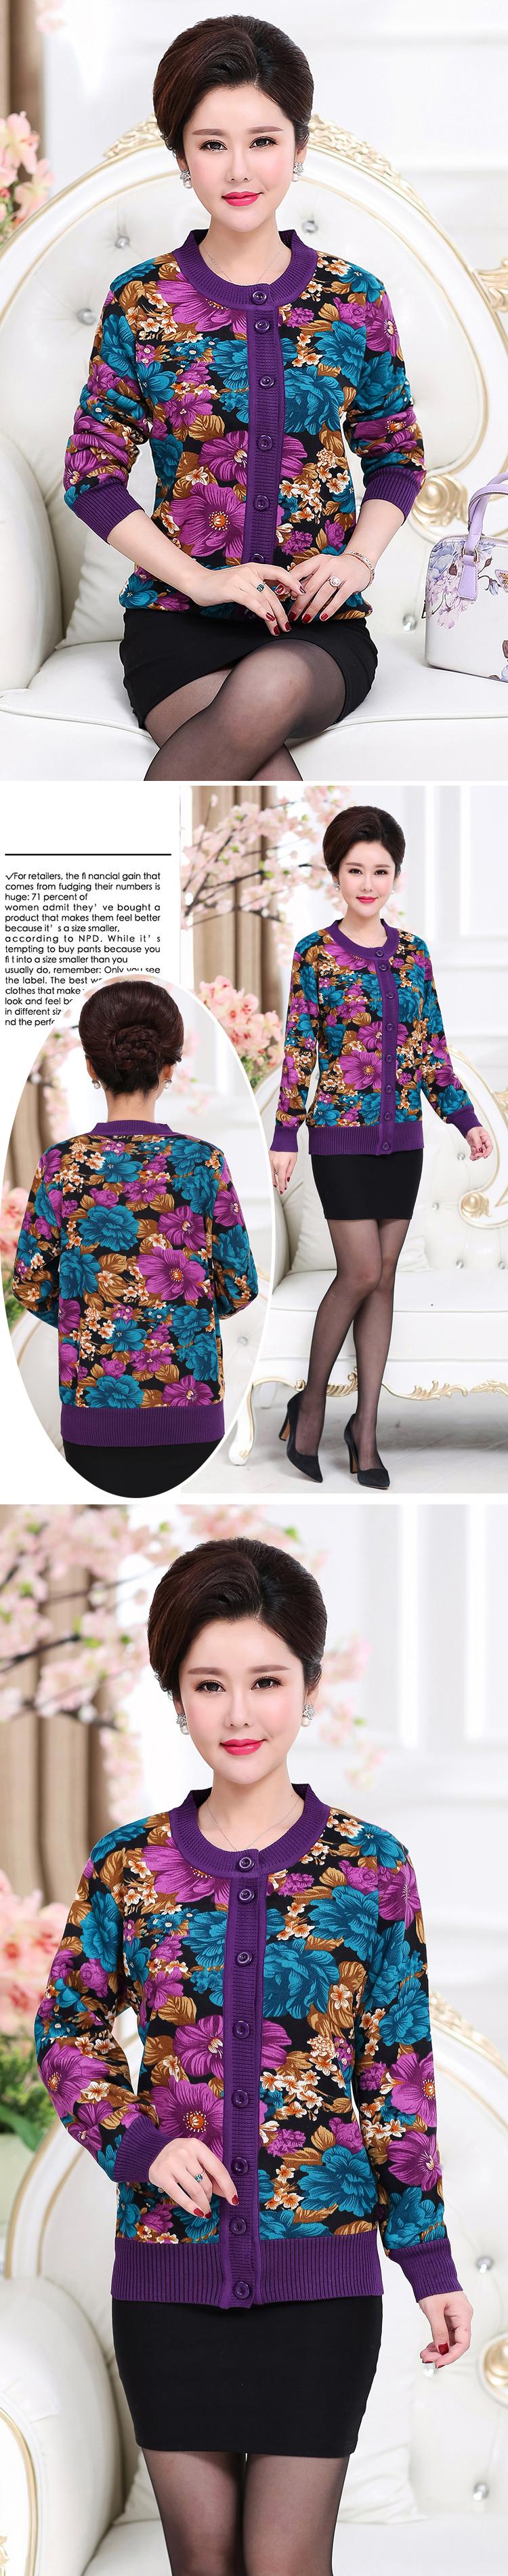 WAEOLSA Winter Woman Flower Cardigan Sweaters Middle Aged Women\`s Thicken Fleece Knitwear Lady Knied Cardigan Sweater Warm Top Mother (8)